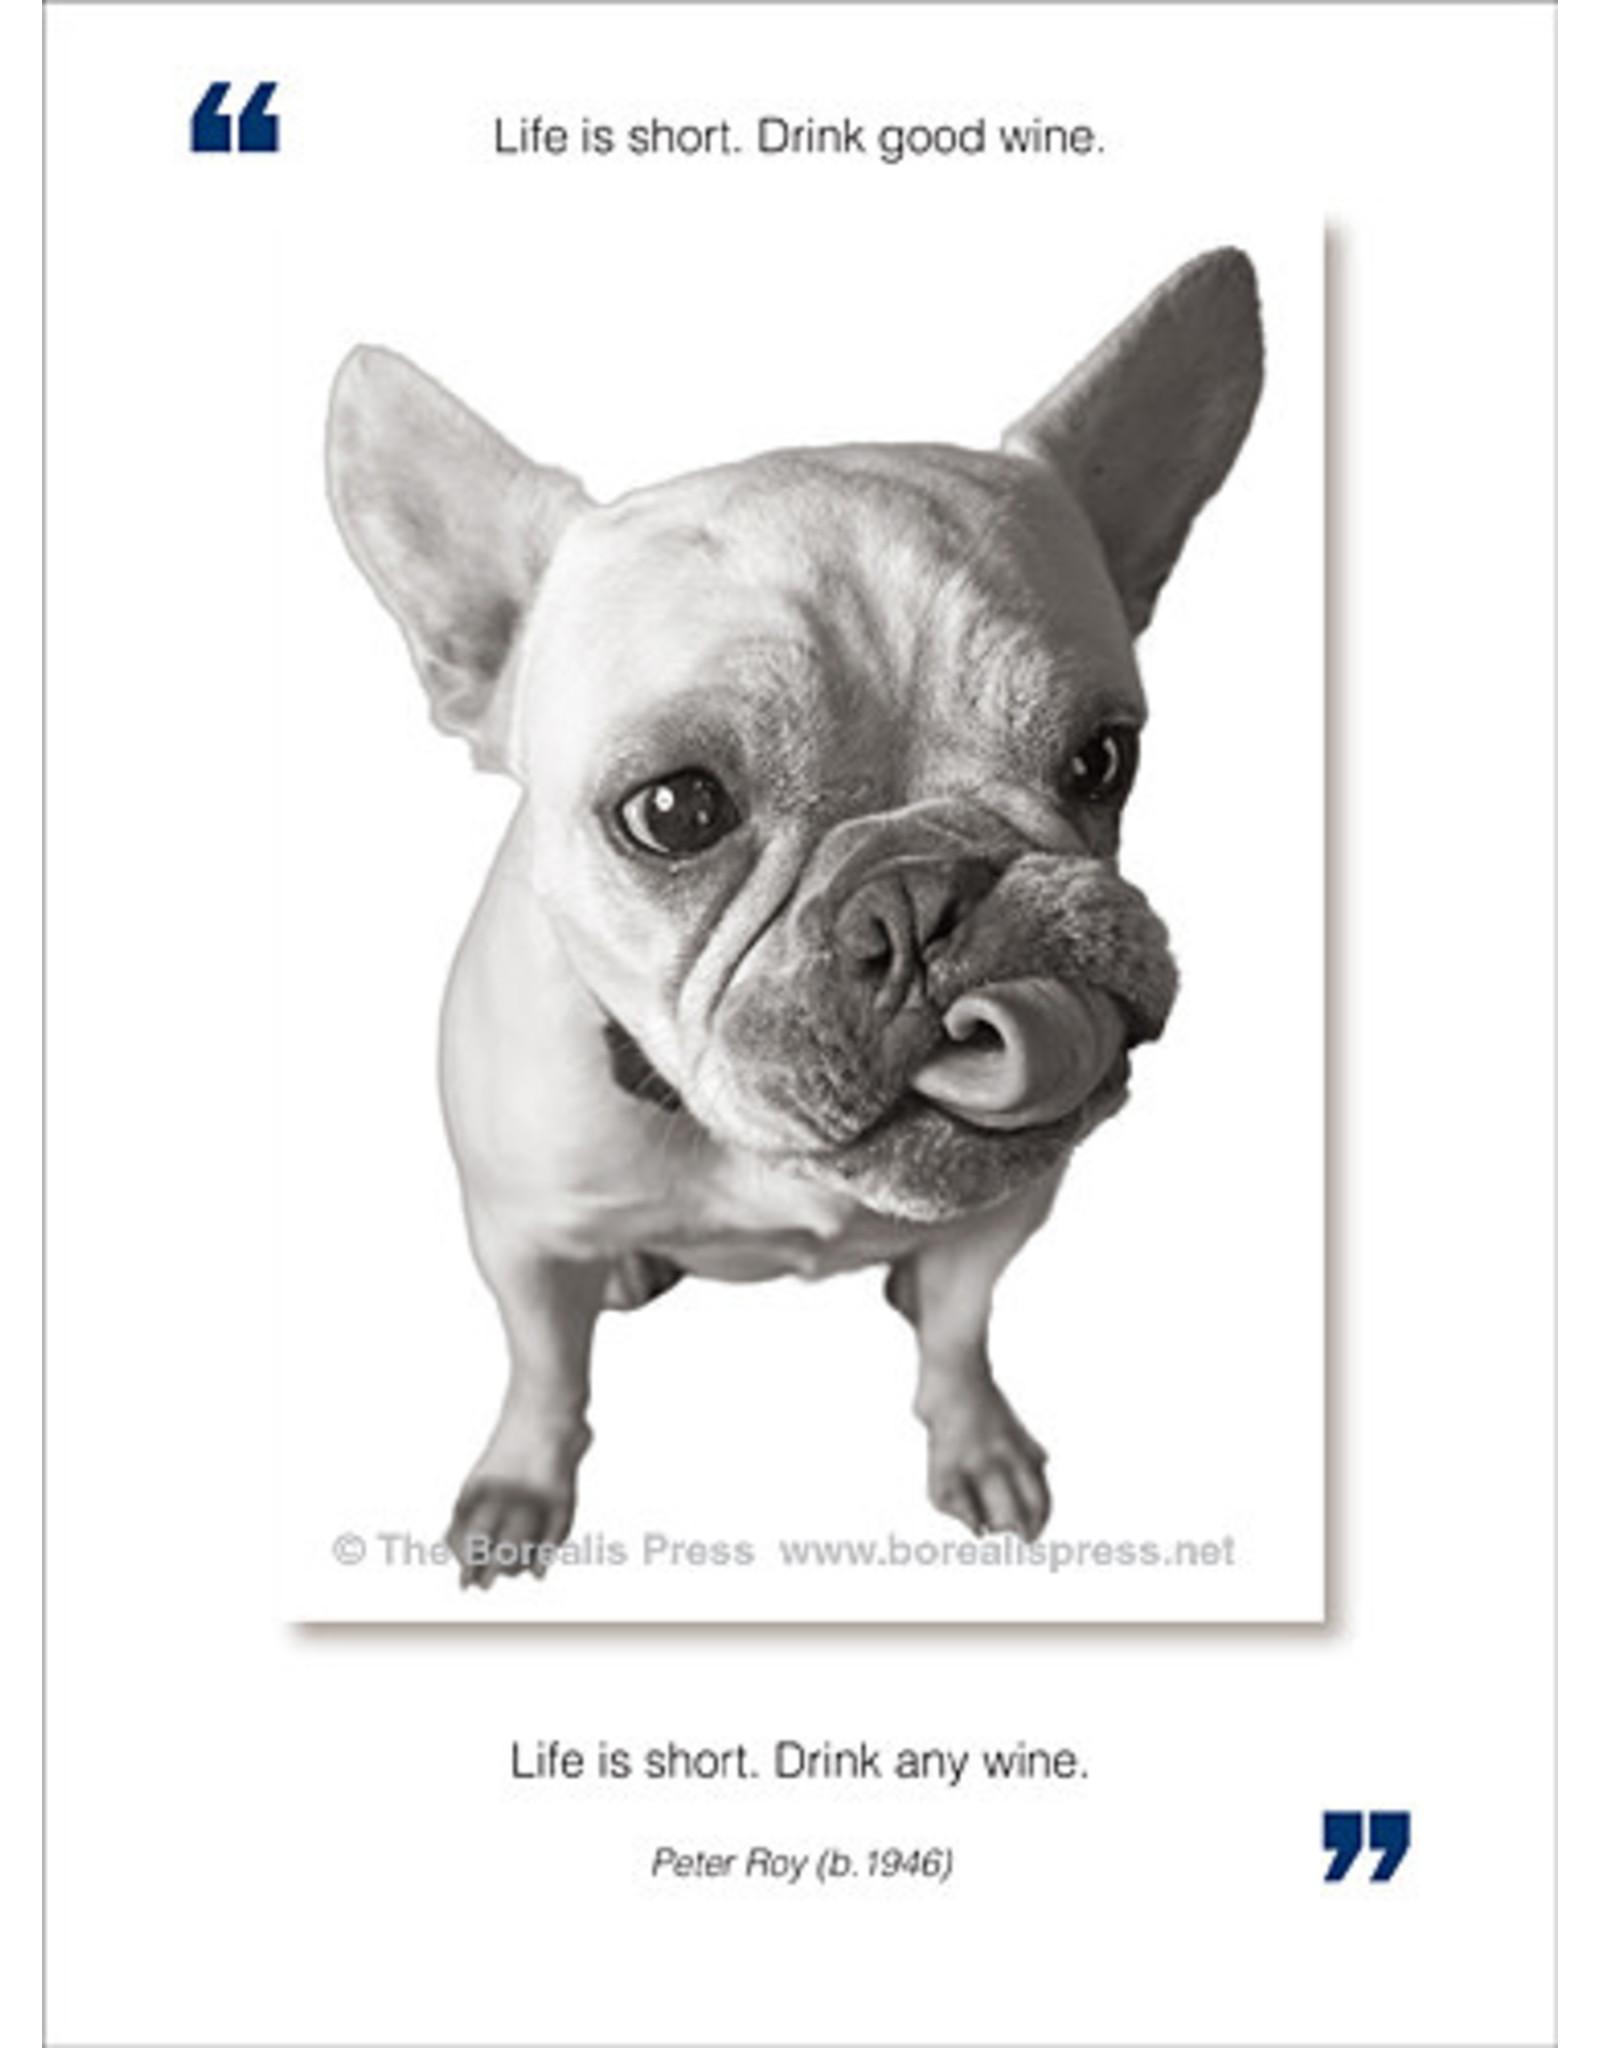 Borealis Press Life Is Short Card